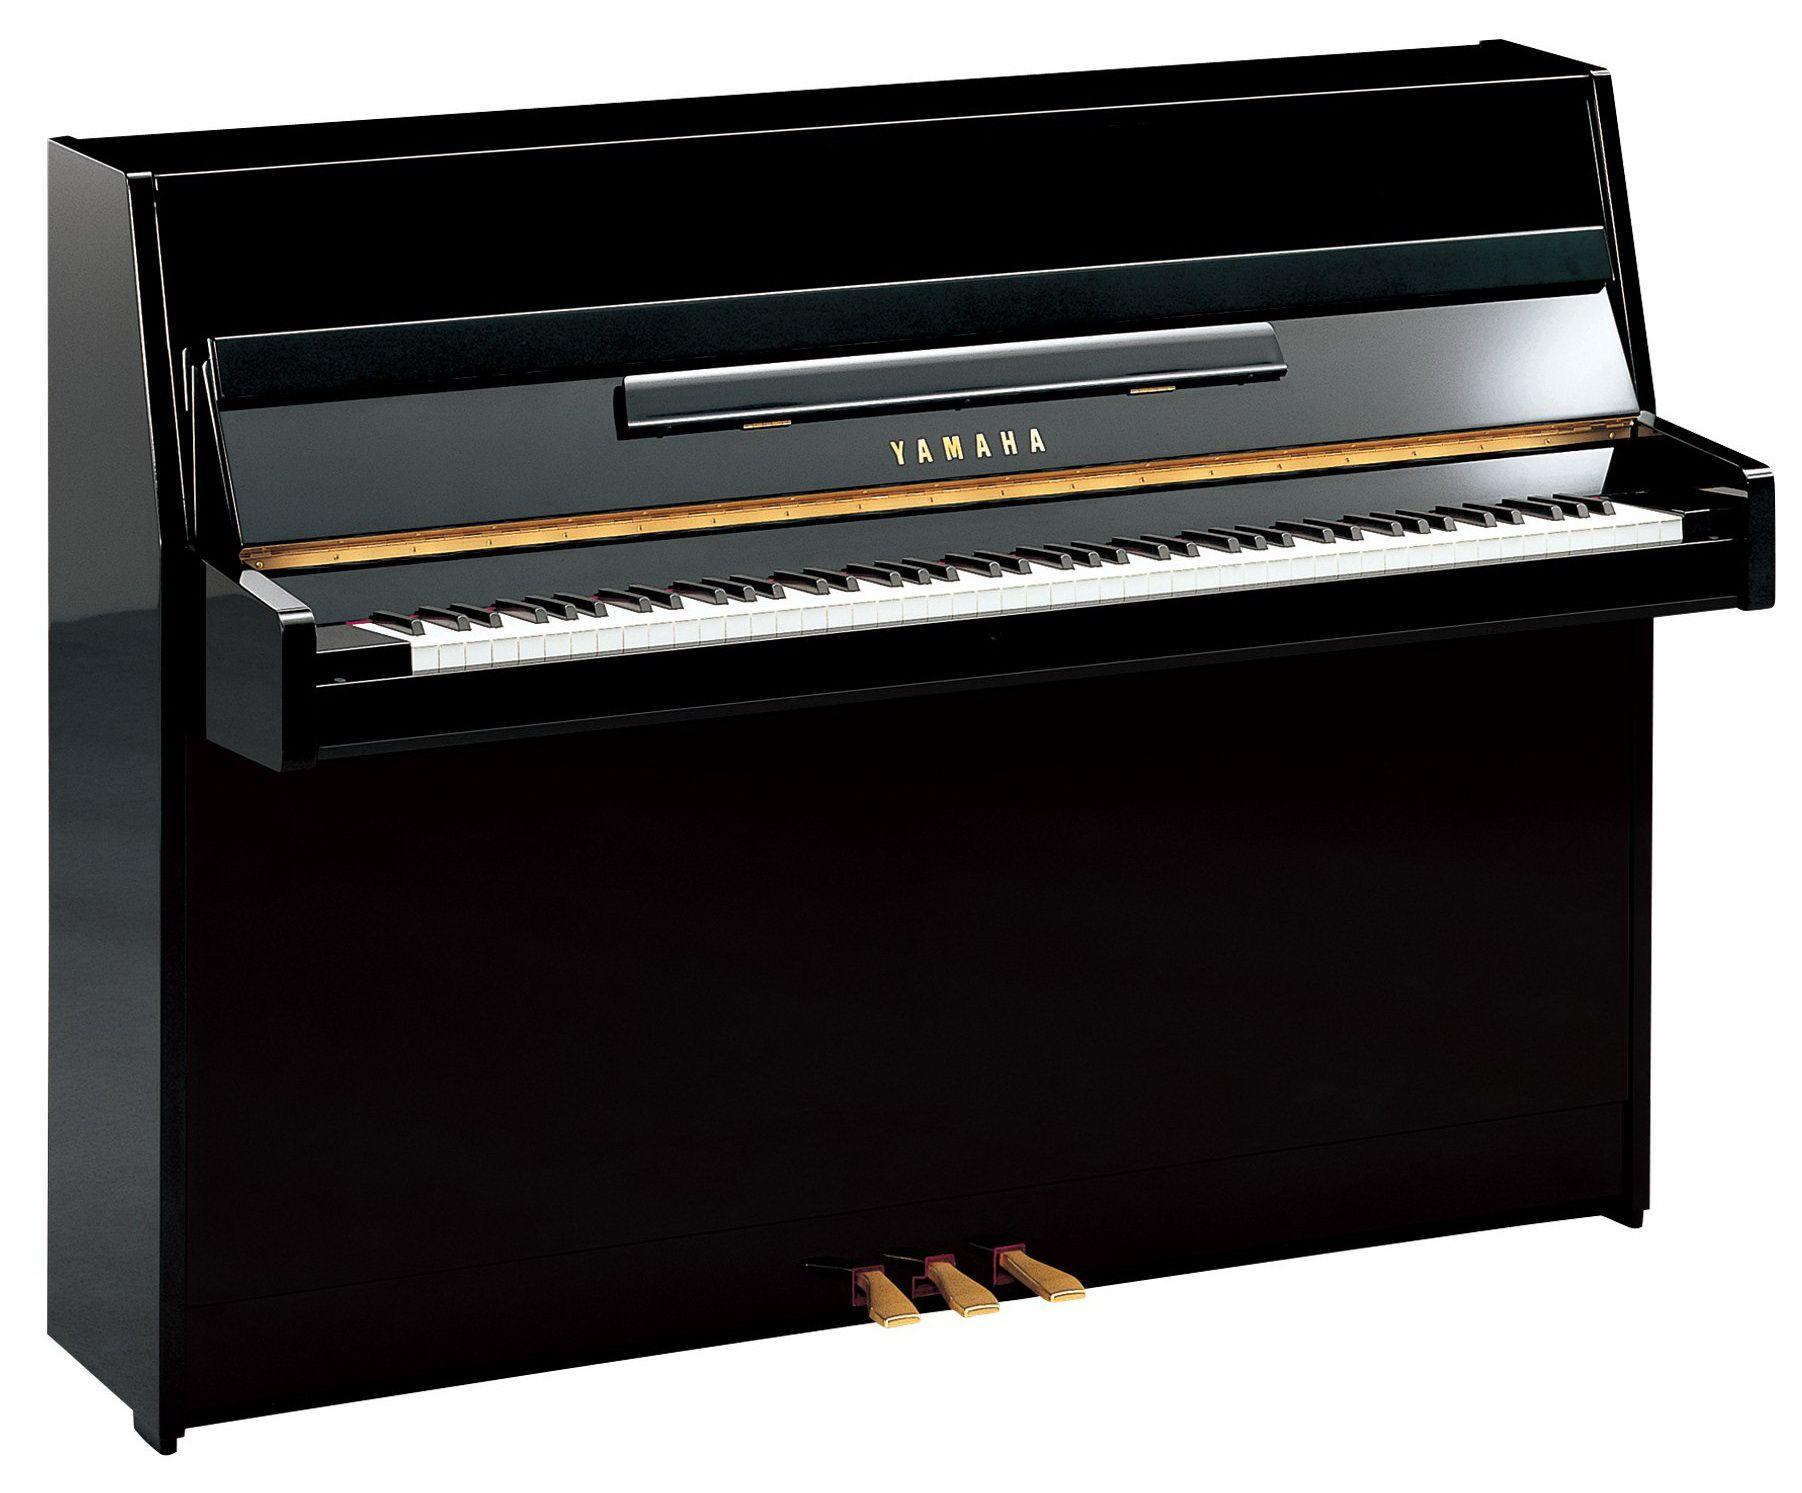 Yamaha Ju 109 Pe Upright Piano New Hubungi Kami Sekarang Juga Untuk Harga Piano Yamaha Terbaik Dan Fasilitas Cicilan 0812 Yamaha Piano Upright Piano Piano